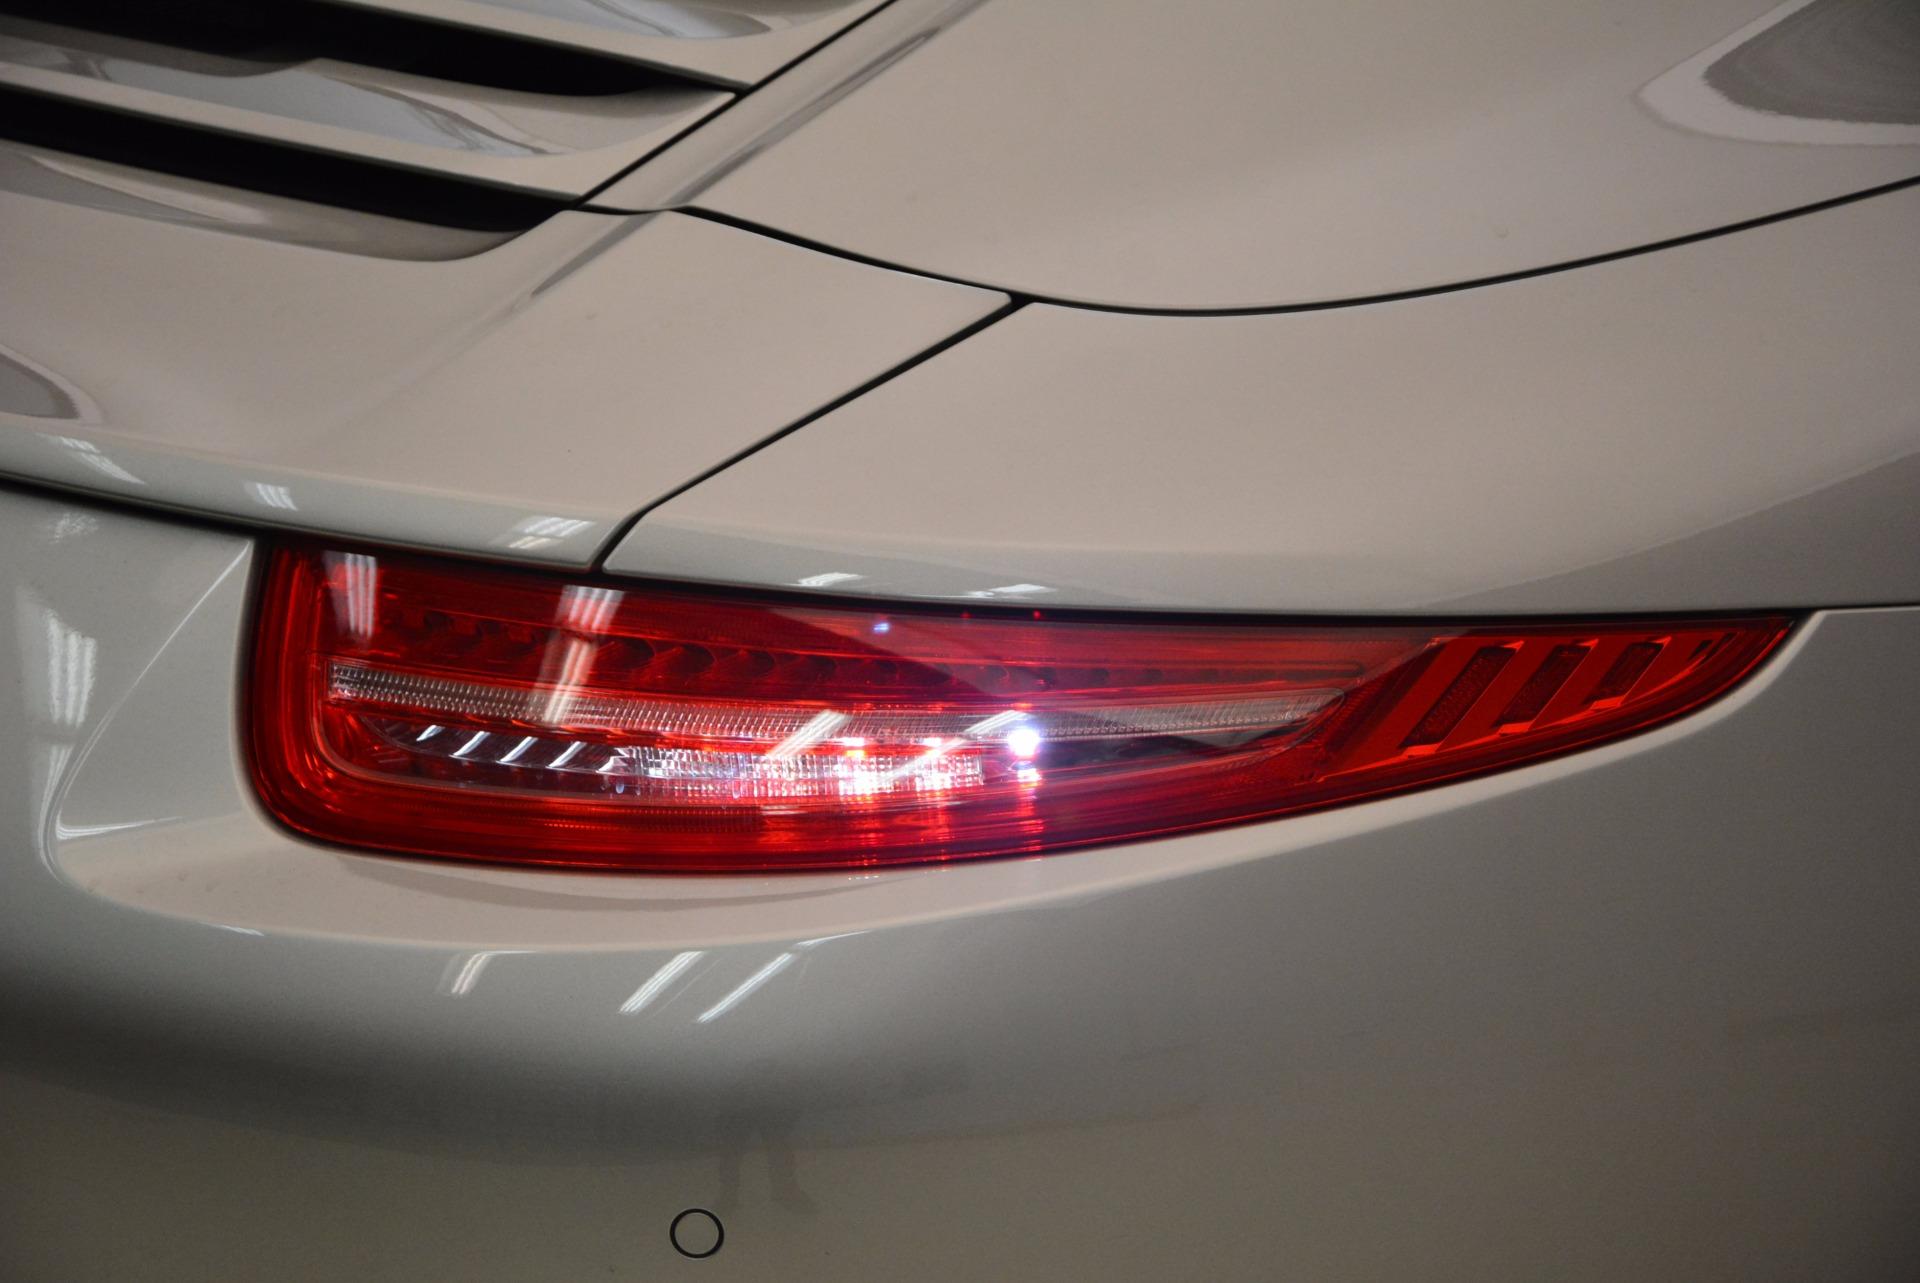 Used 2012 Porsche 911 Carrera S For Sale In Westport, CT 1790_p37